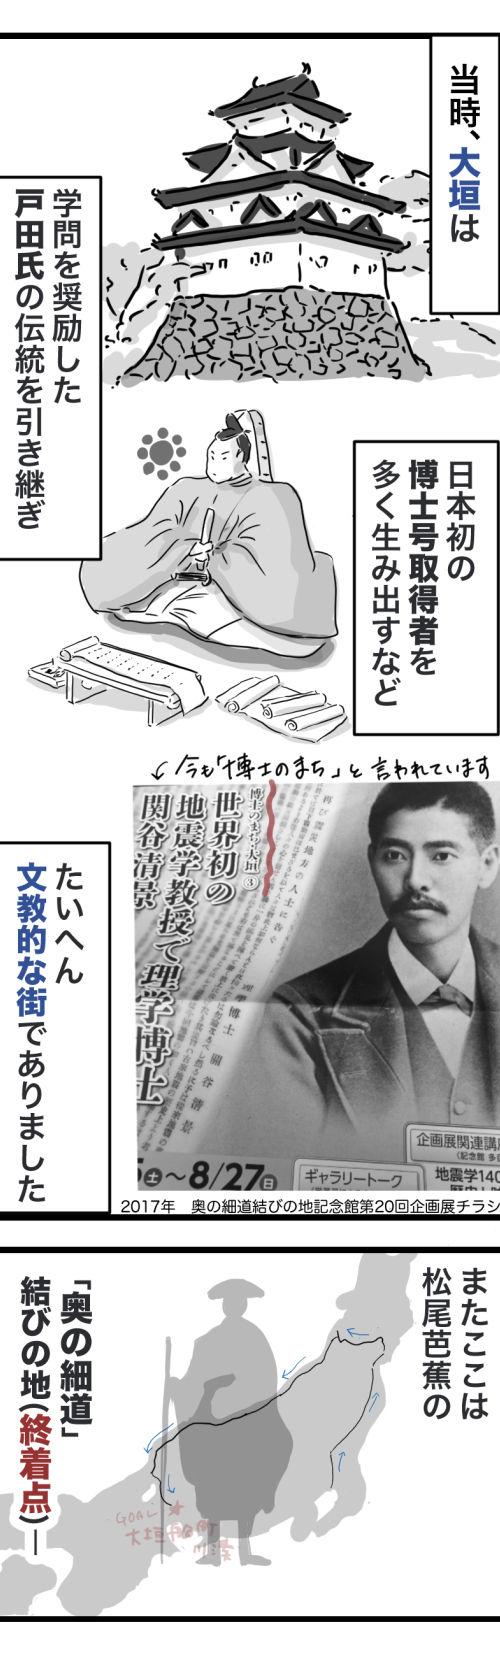 大垣1−2